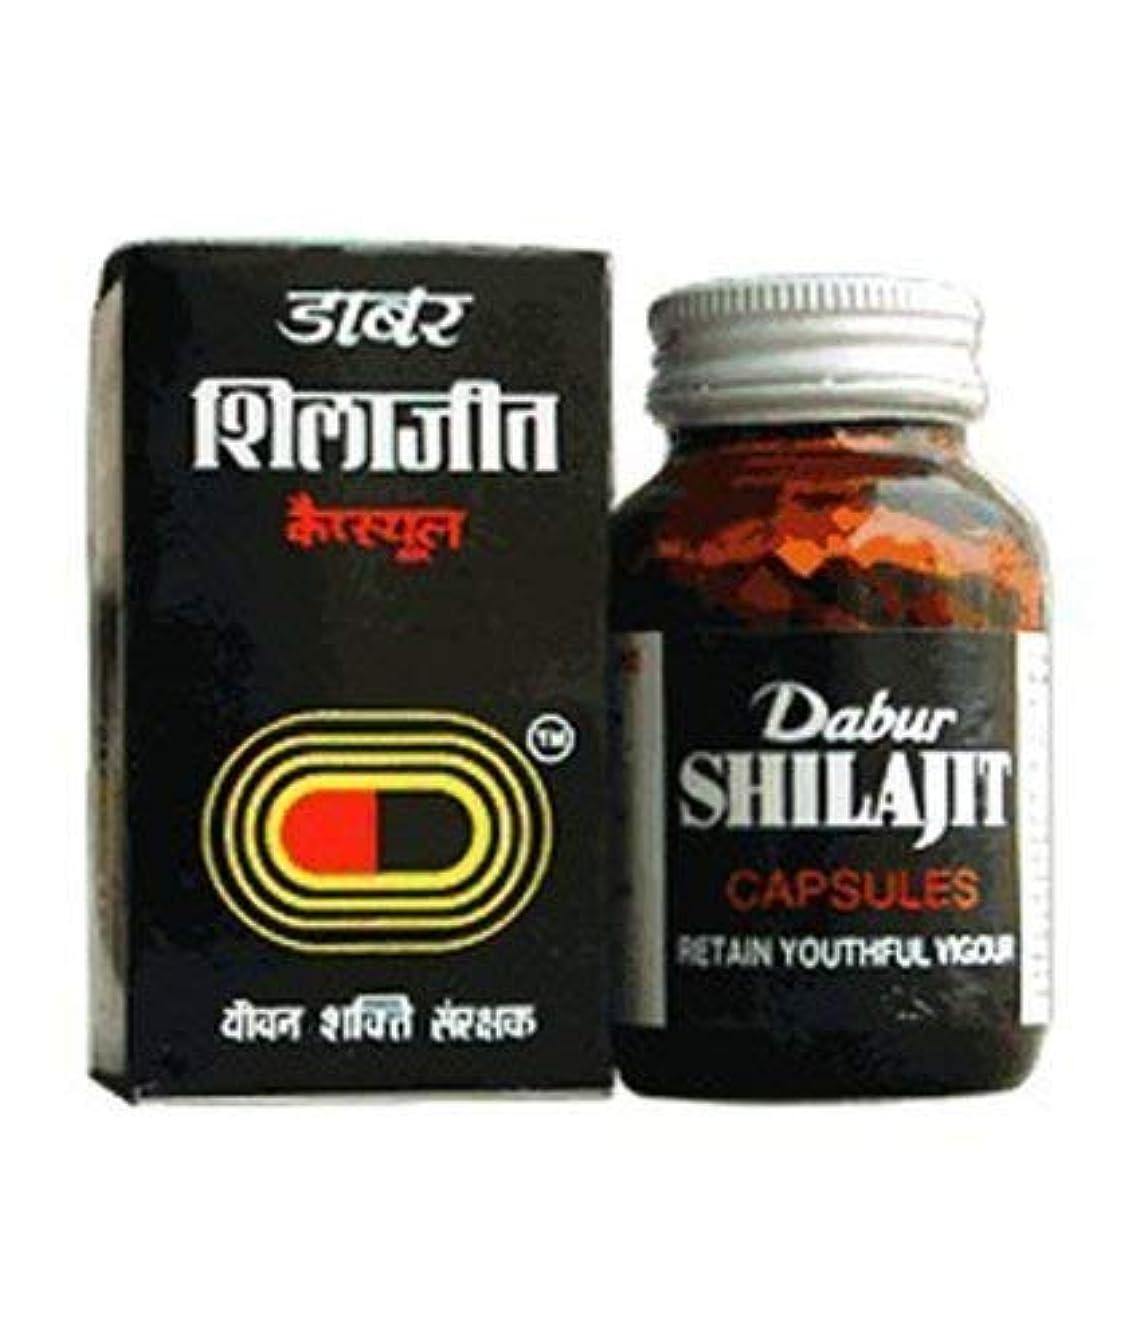 適度に減衰けん引100 Capsules by Dabur Shilajit